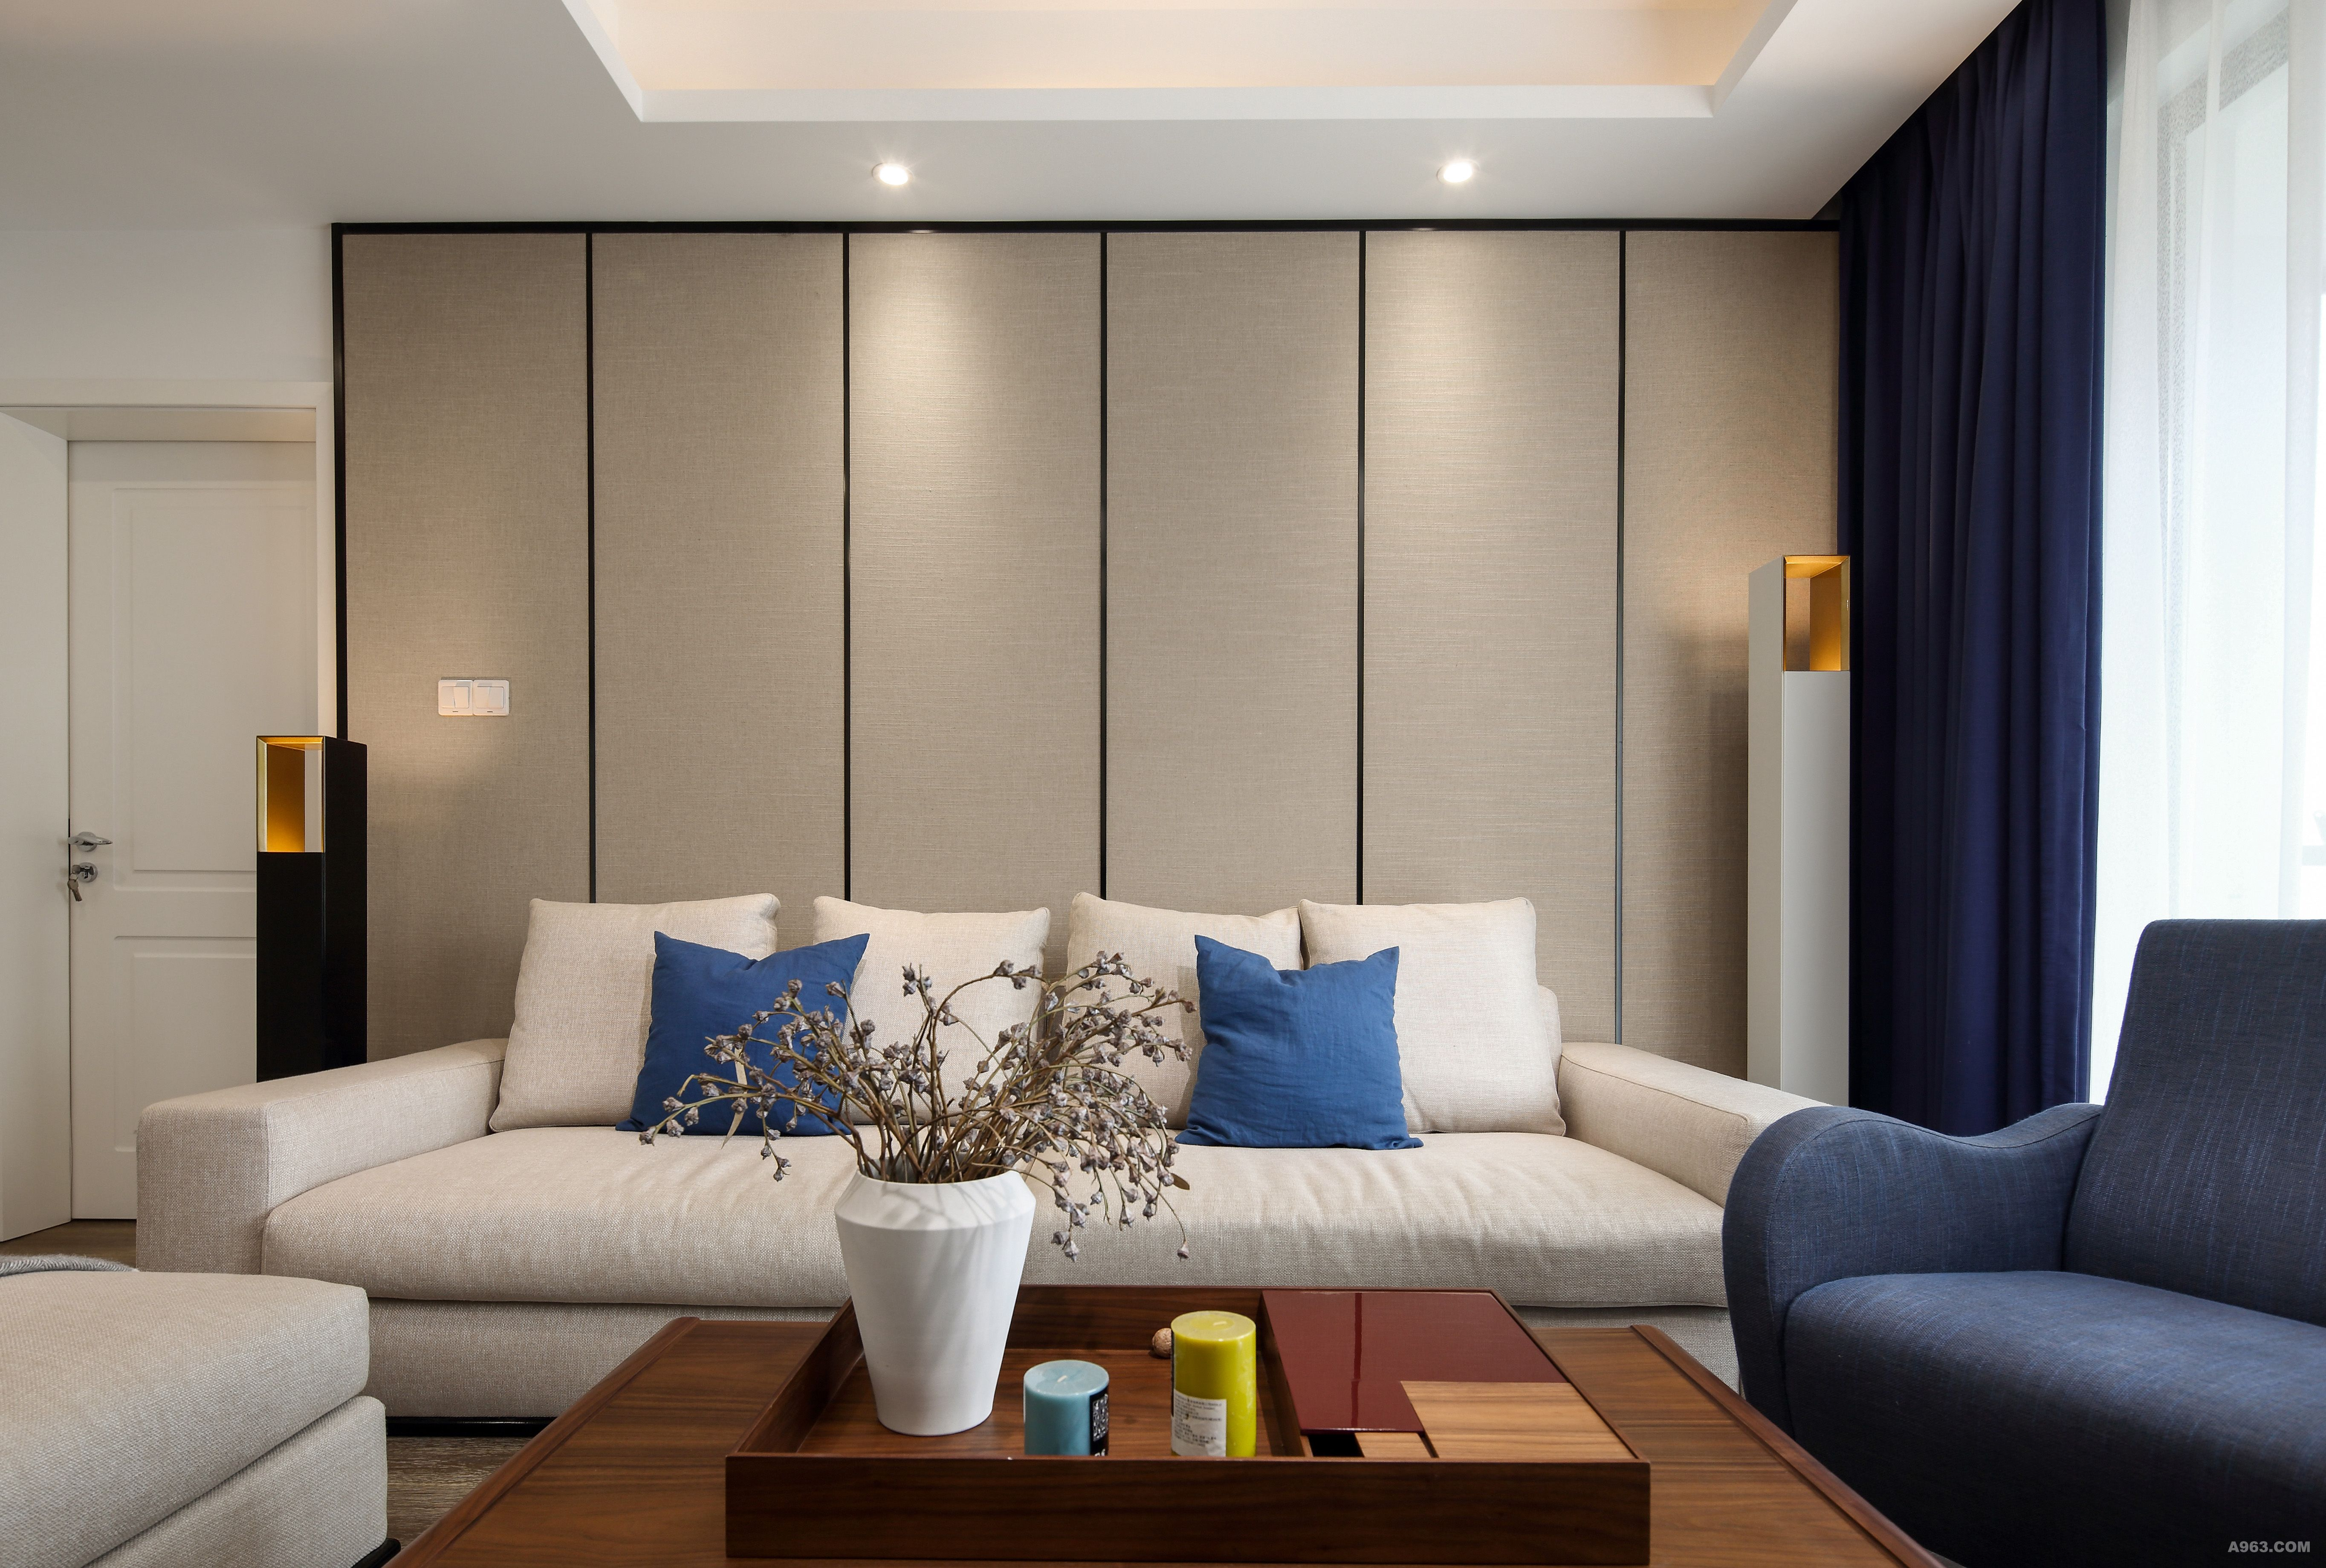 黑色亮面不锈钢卡条恰如其分的强调了沙发背景墙的线条感。